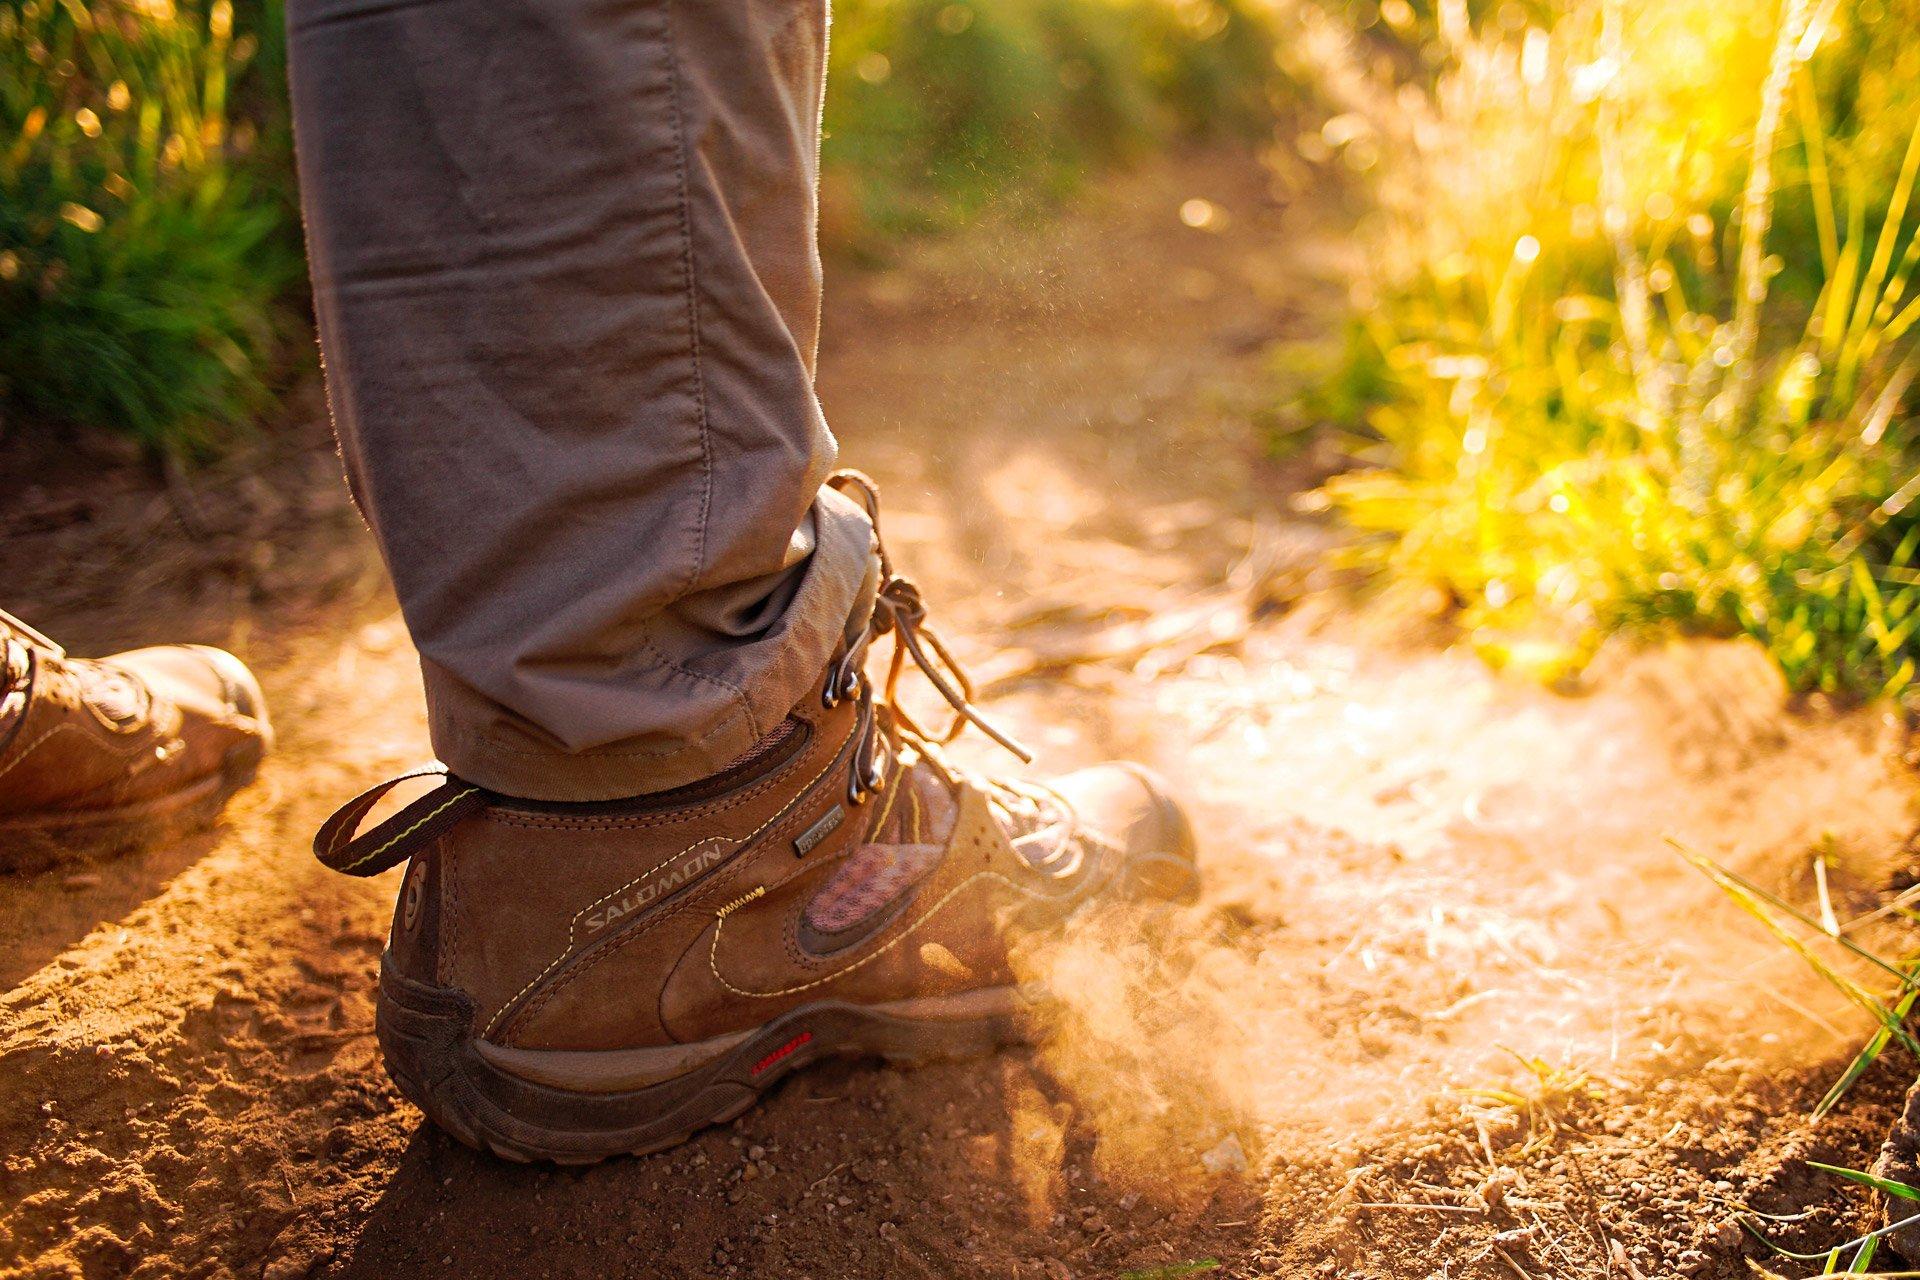 Les 10 meilleures chaussures de randonnée 2021 - Blog Snowleader